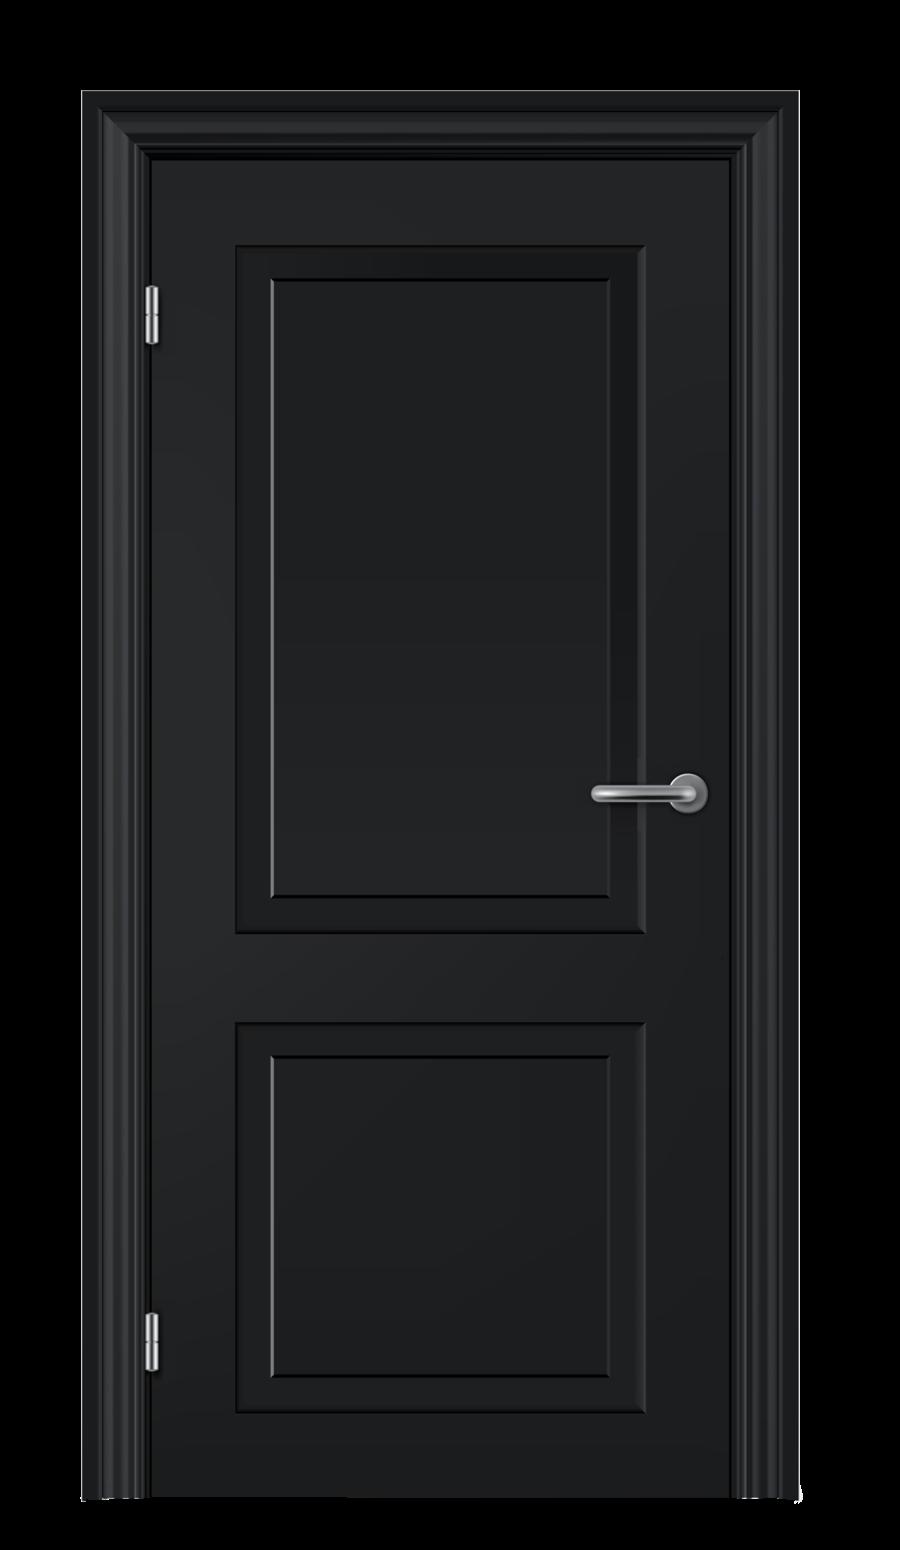 Door PNG - Door HD PNG